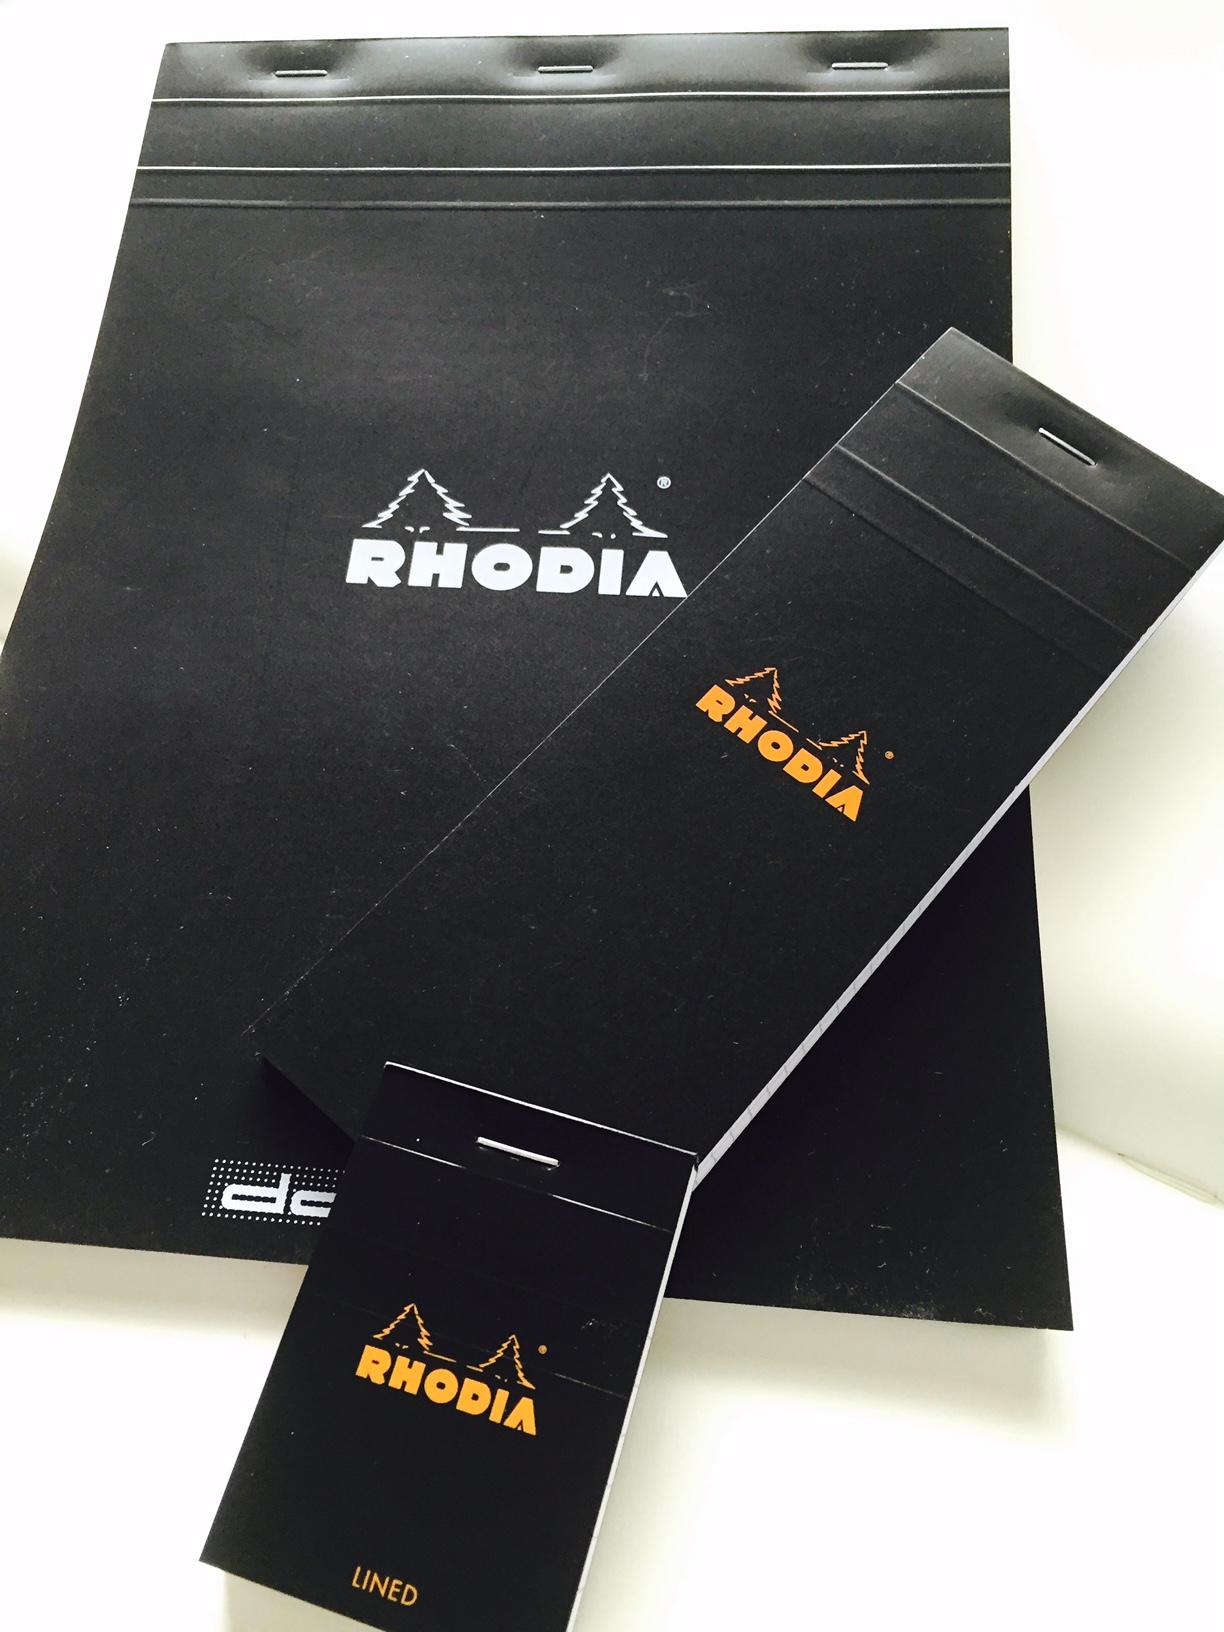 FullSizeRender rhodia 2.jpg